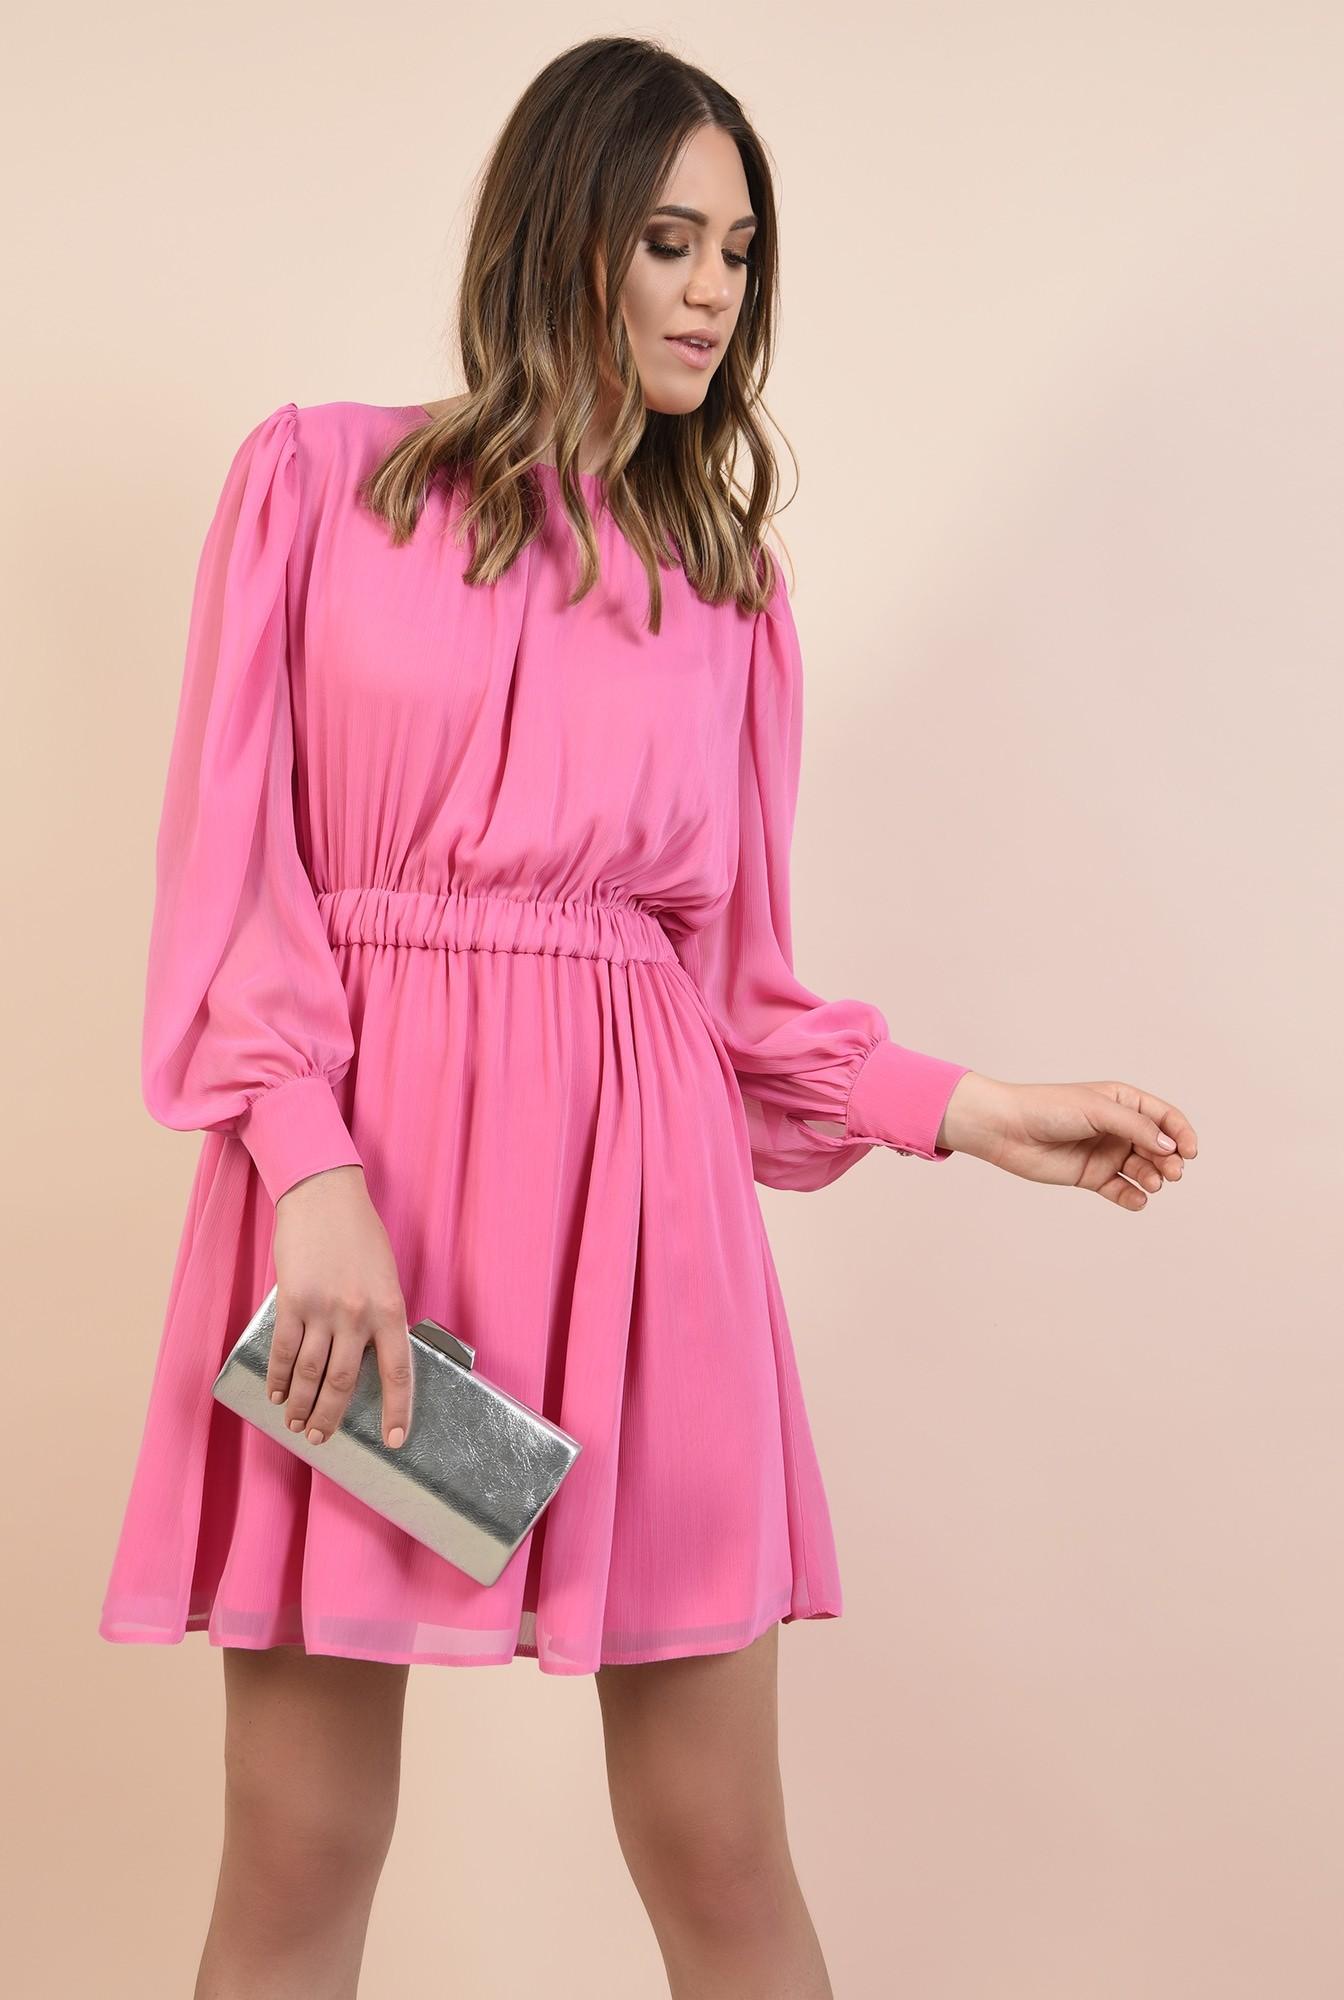 0 - rochie de seara, din voal roz, nasturi bijuterie, decolteu fronsat la baza gatului